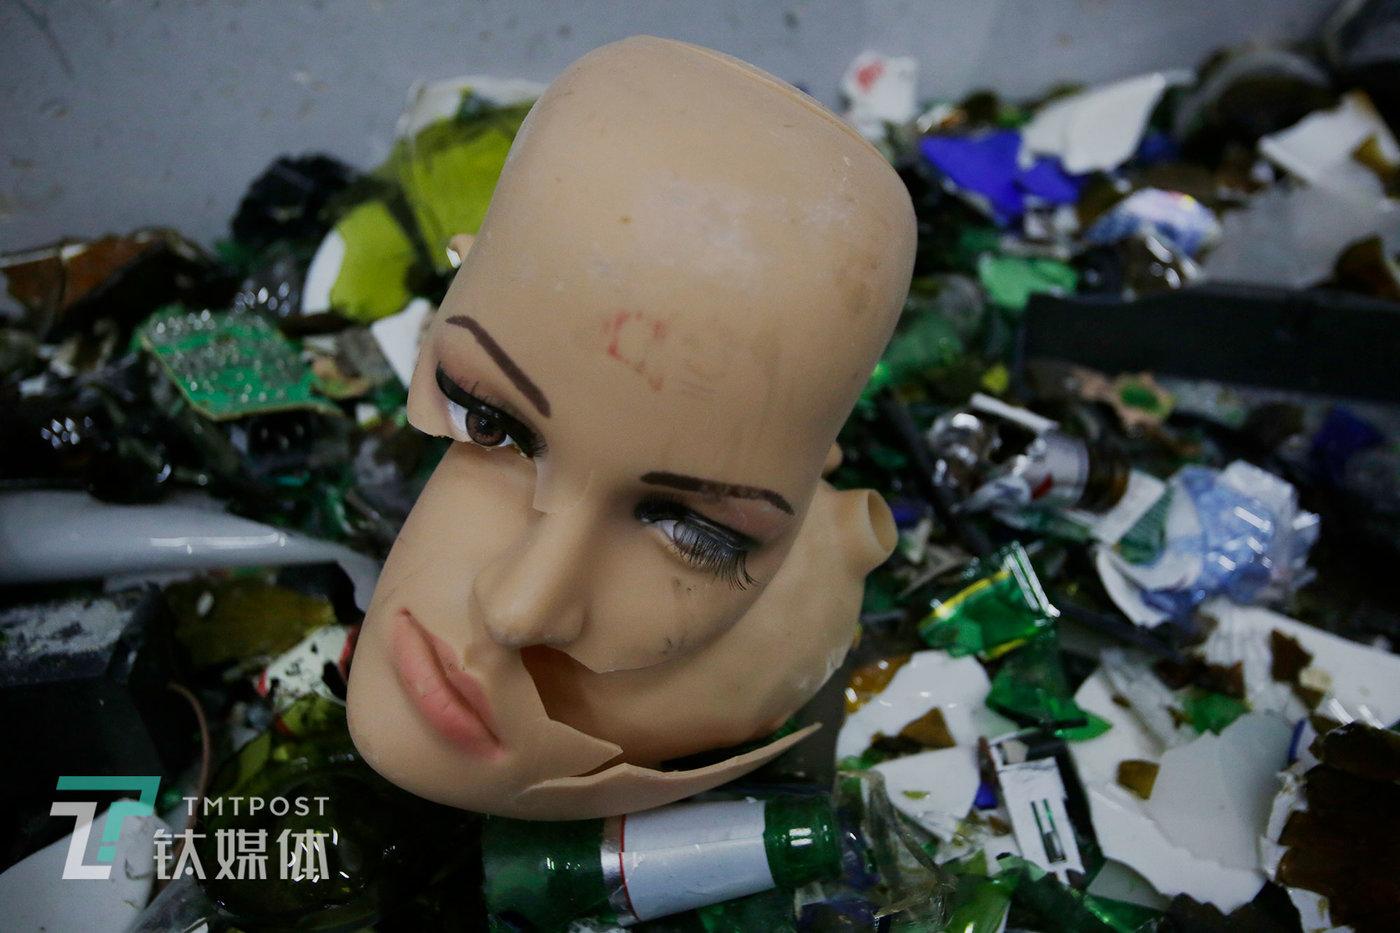 被人砸烂的模特假人的头部,这个模特的打砸价格为250元。